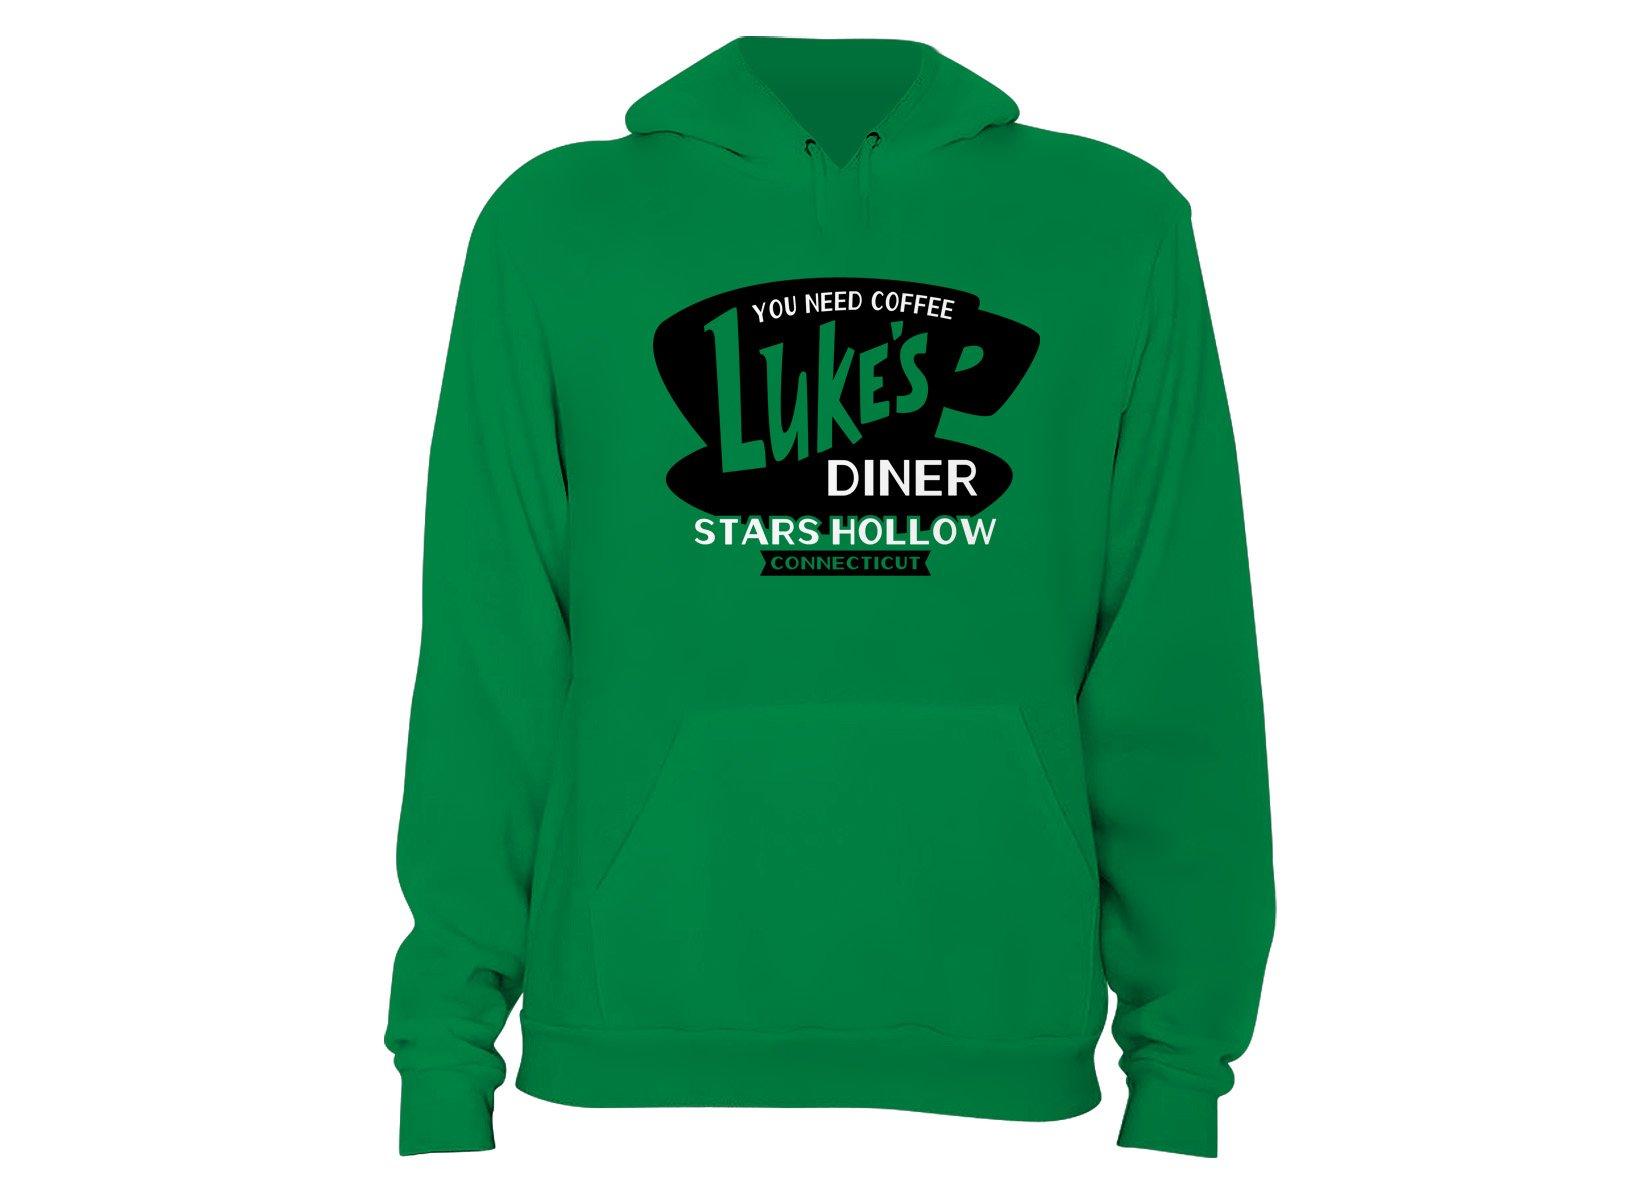 Luke's Diner on Hoodie